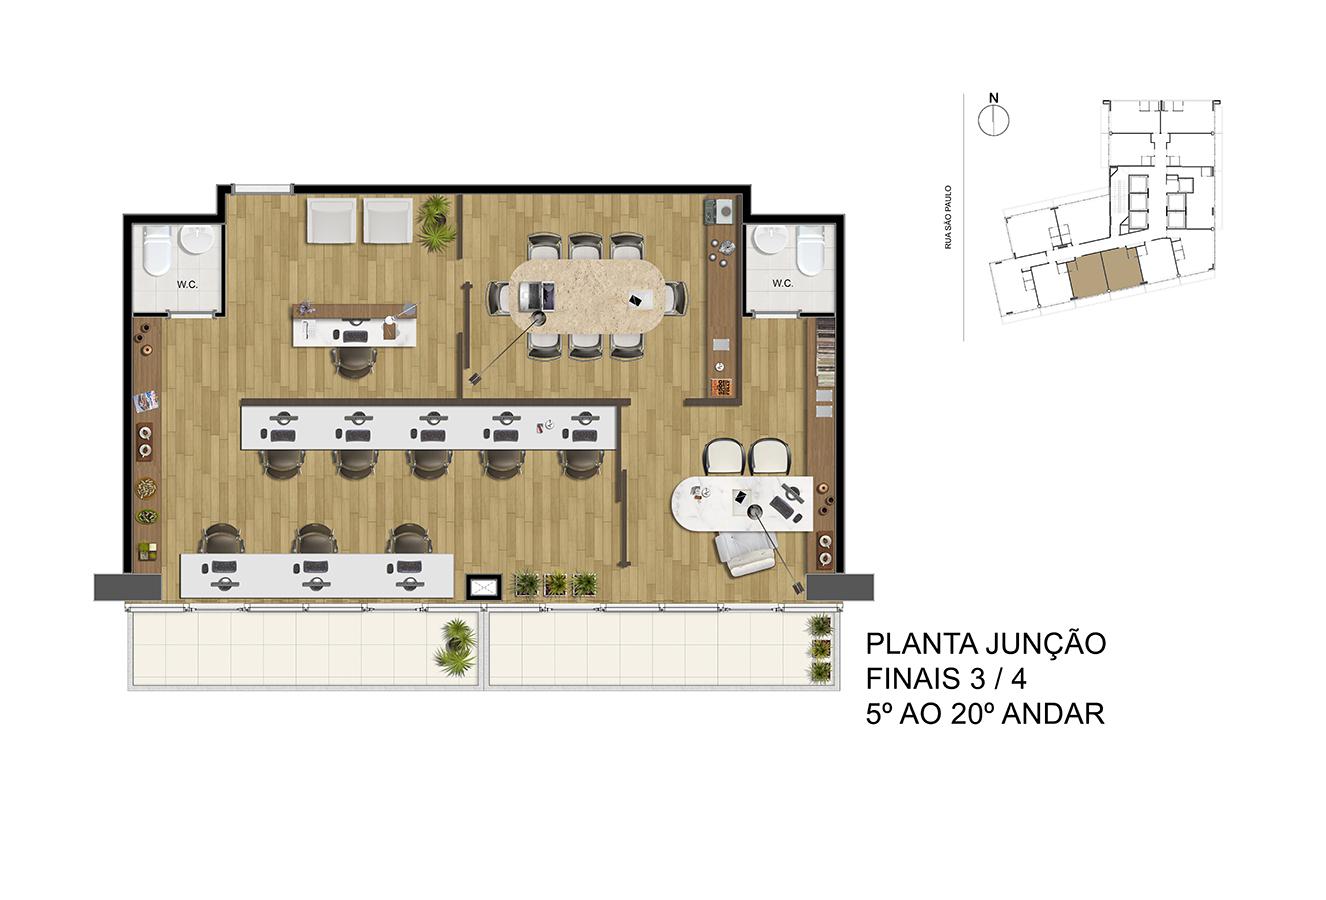 Planta Junção - Finais 3 / 4 - 5° ao 20° Andar Manhattan Office Santos